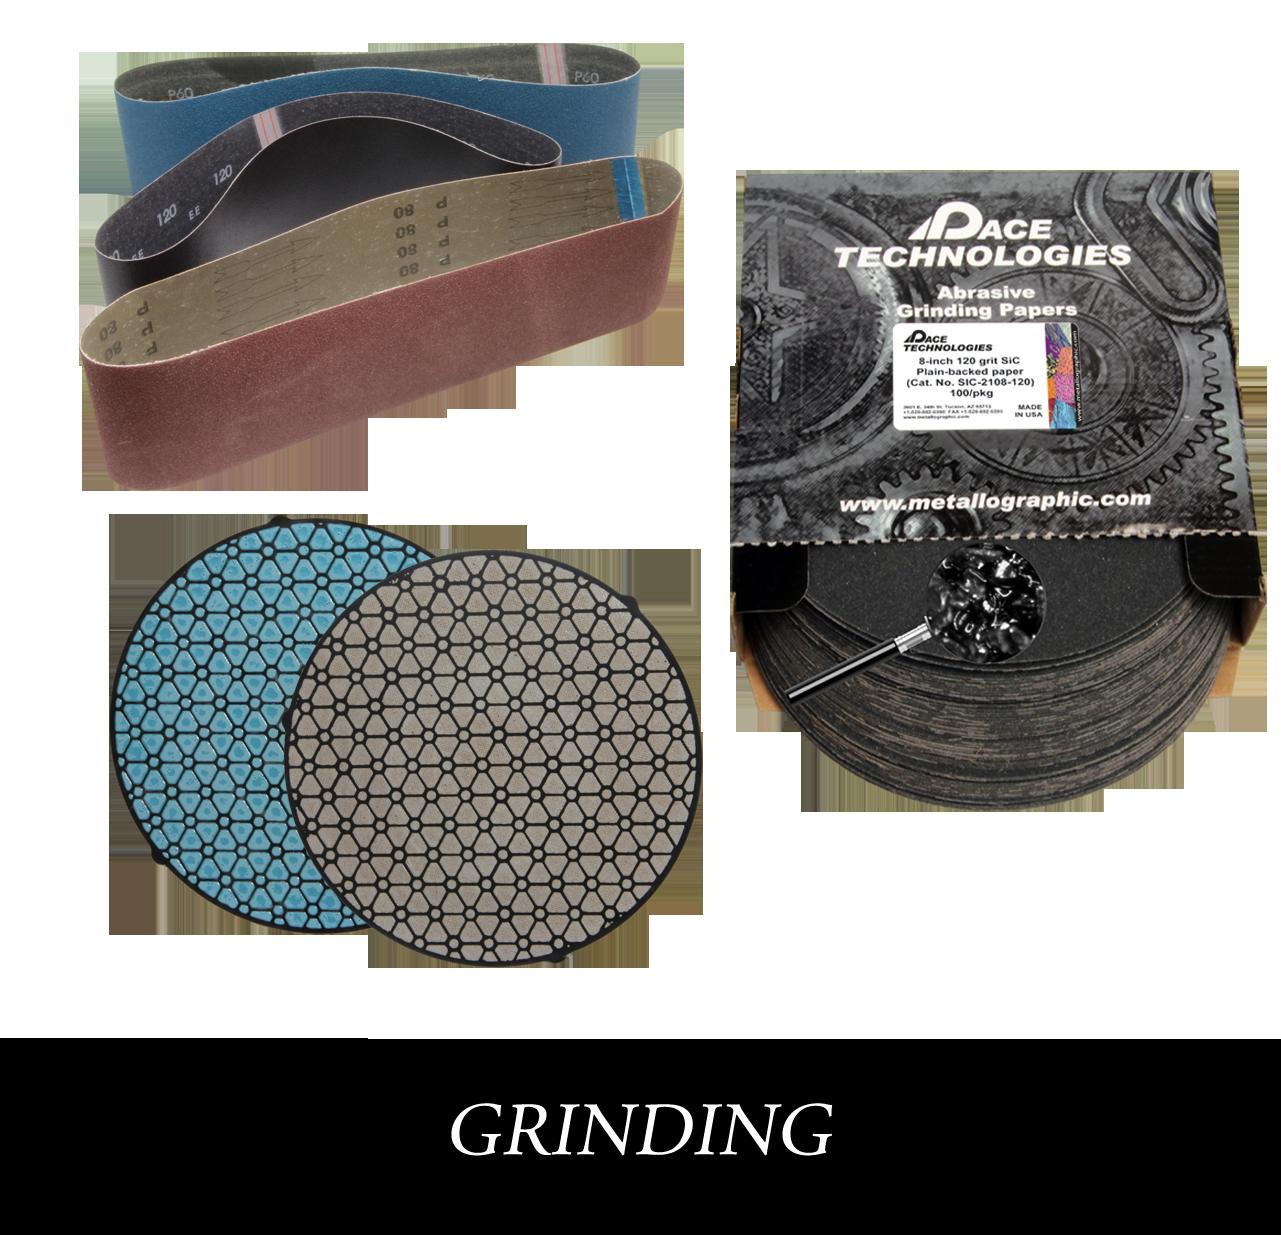 Metallographic polishing consumables